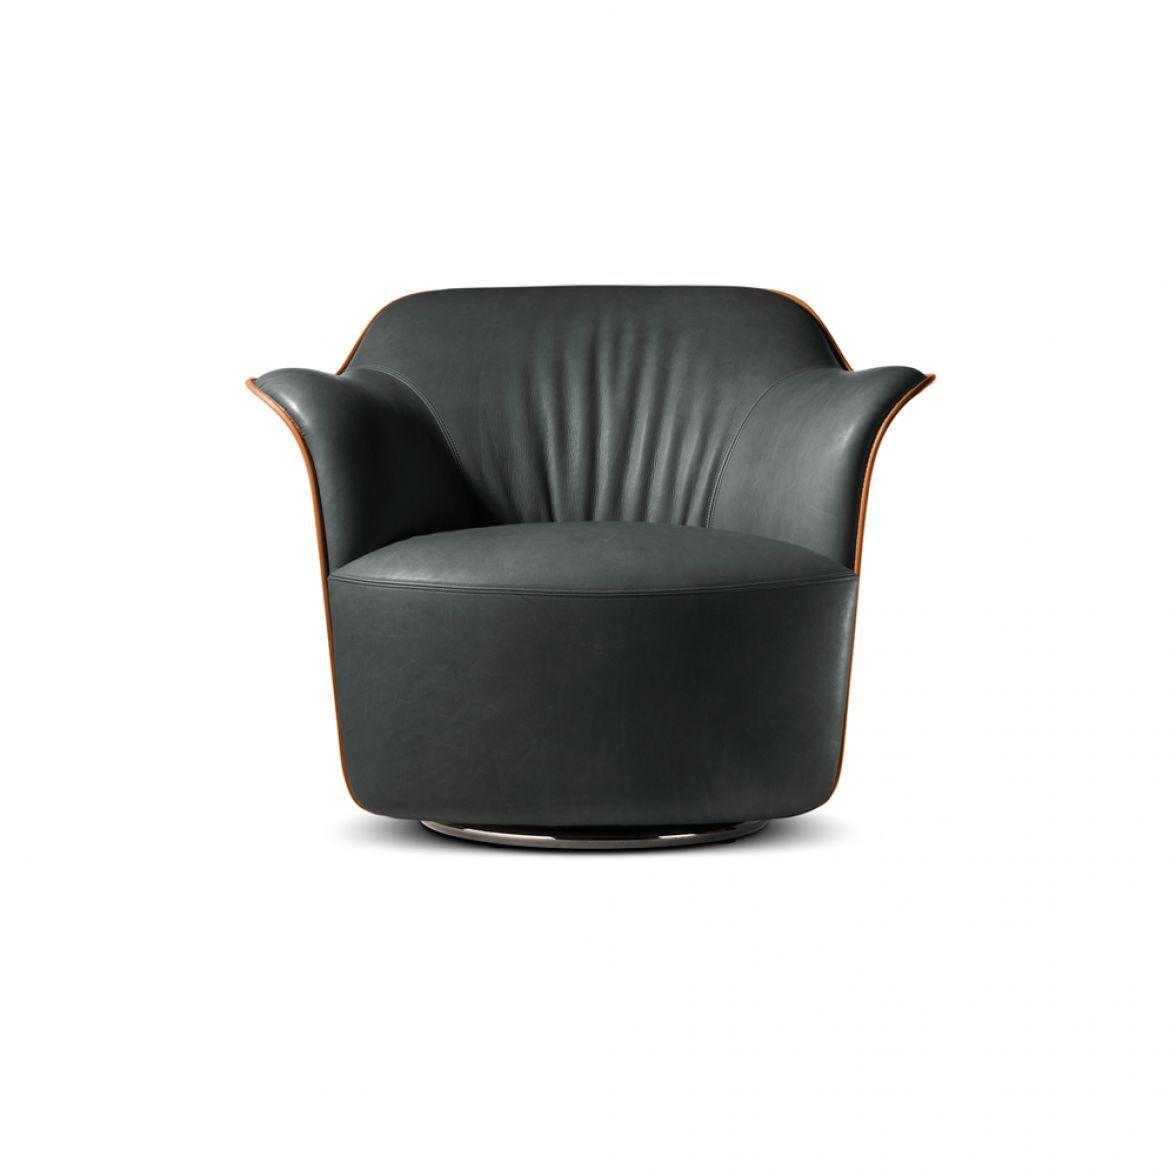 Aida armchair